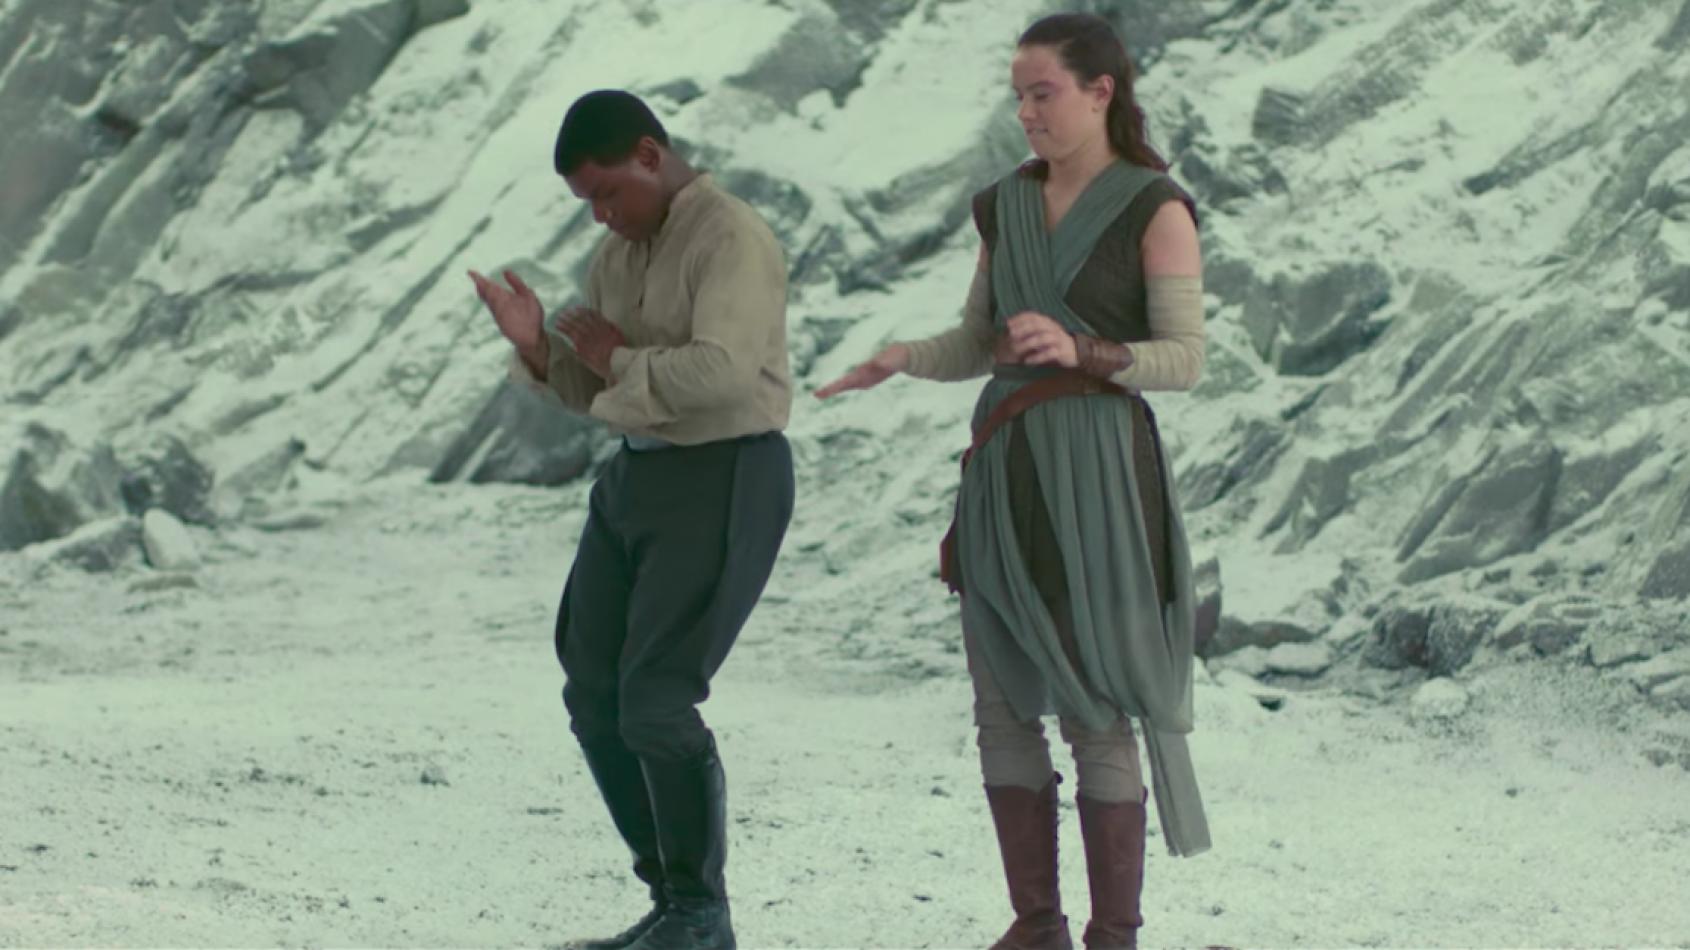 Des déclarations officielles sur les passés de Rey et Finn